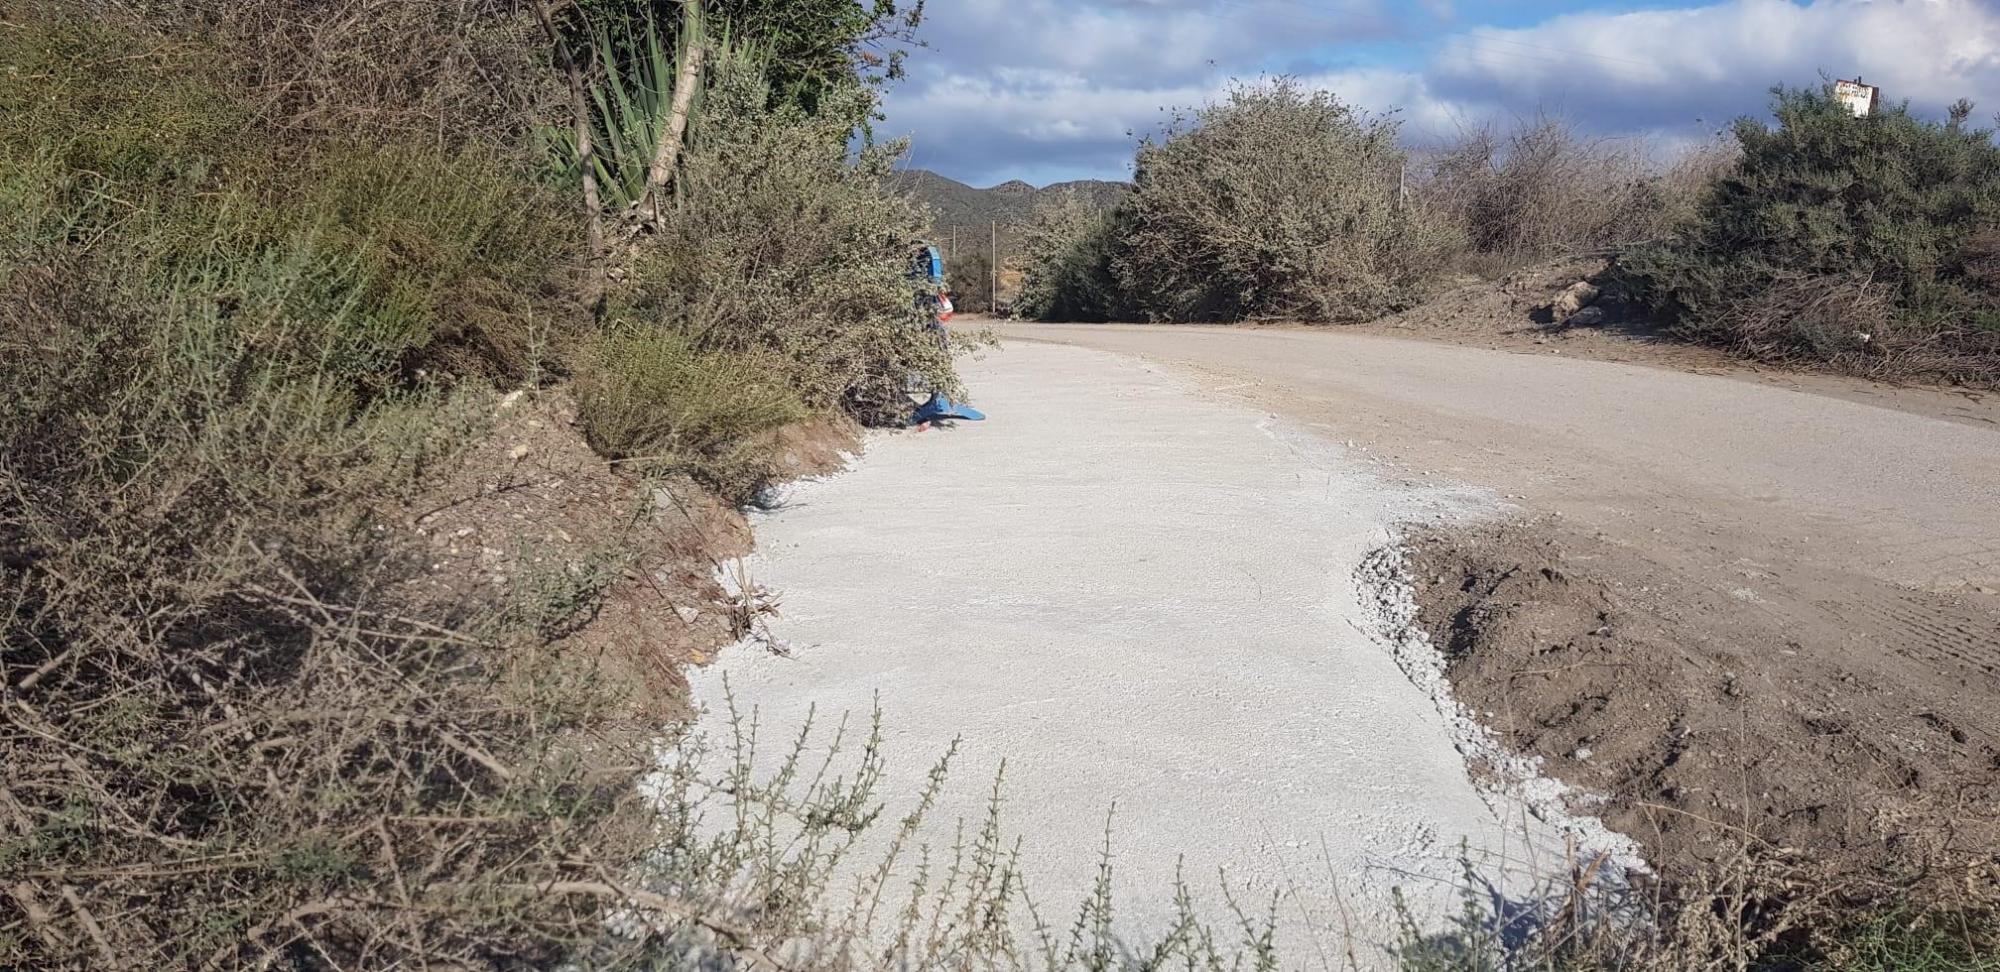 Finalizan las obras en el camino Huerto del Abad y en el camino de los Arejos al Cocón